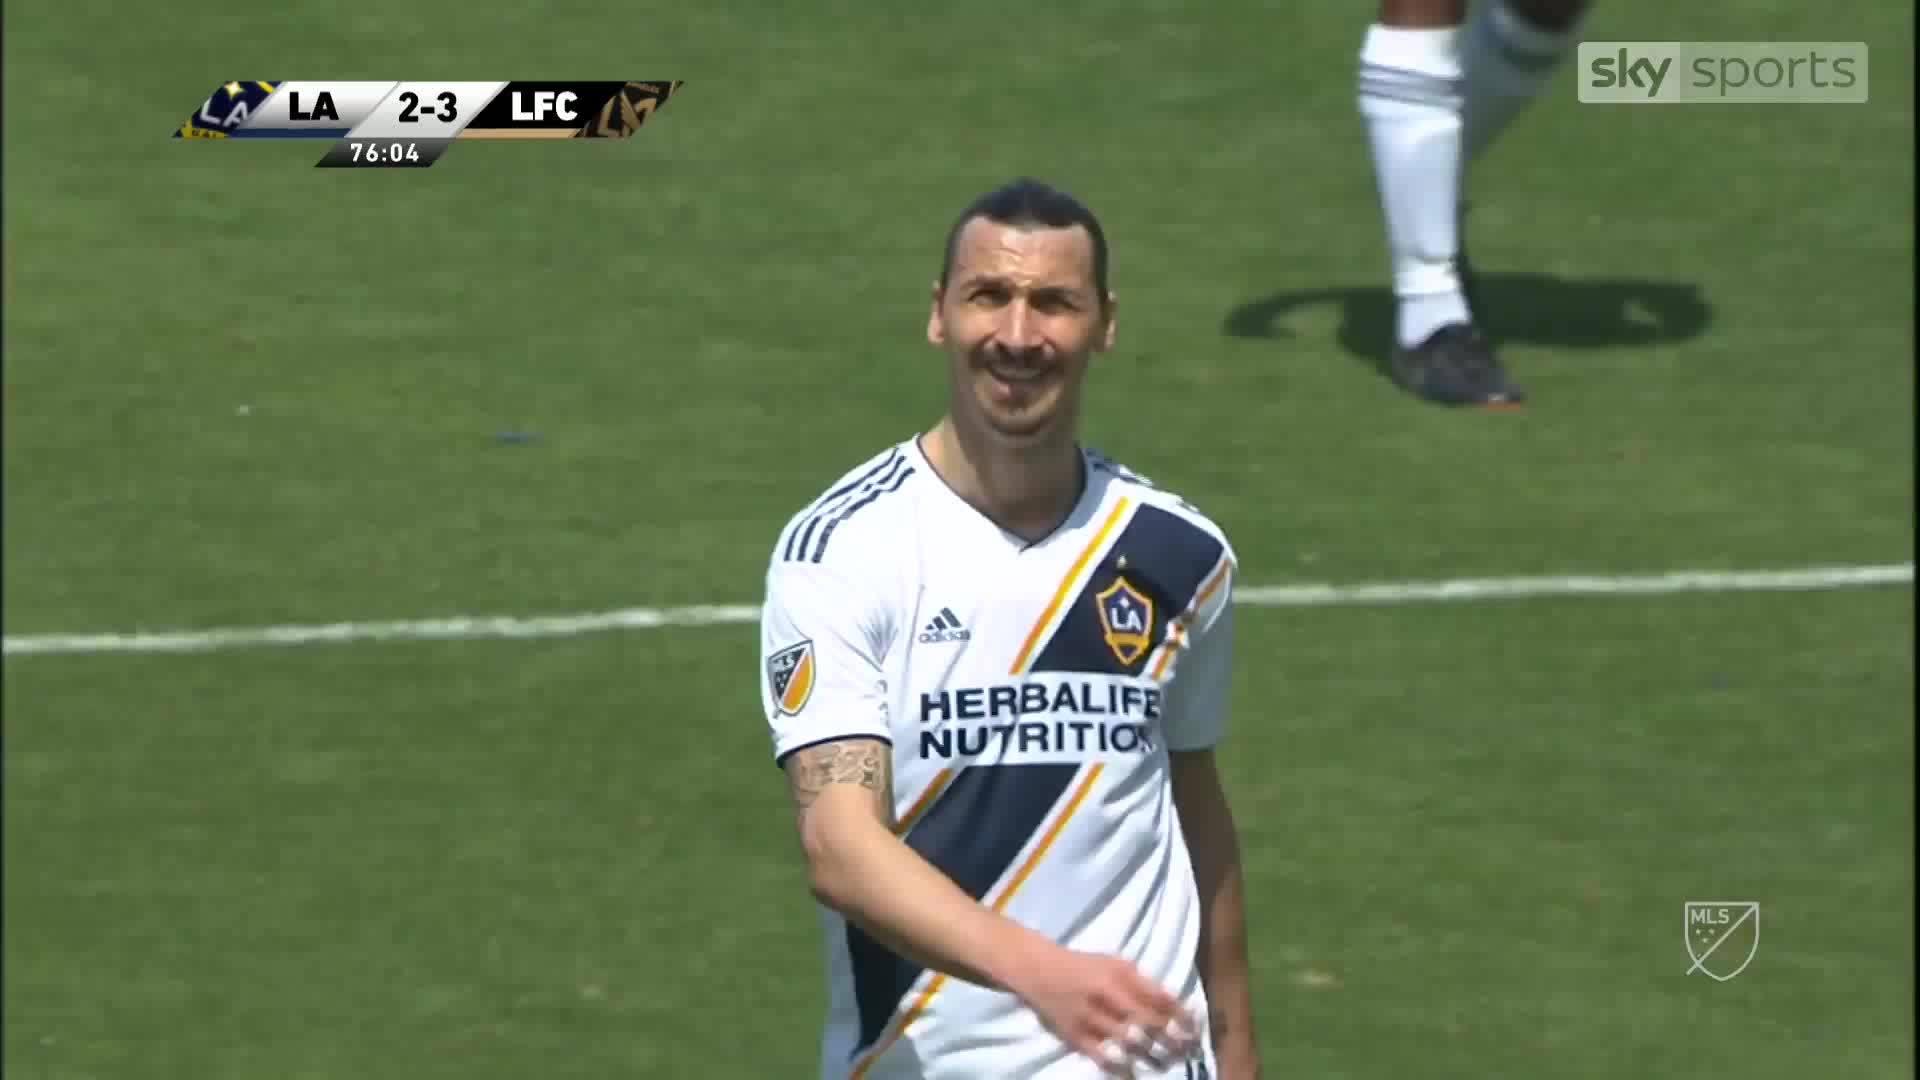 Ibrahimovic ghi bàn trong trận ra mắt tại MLS